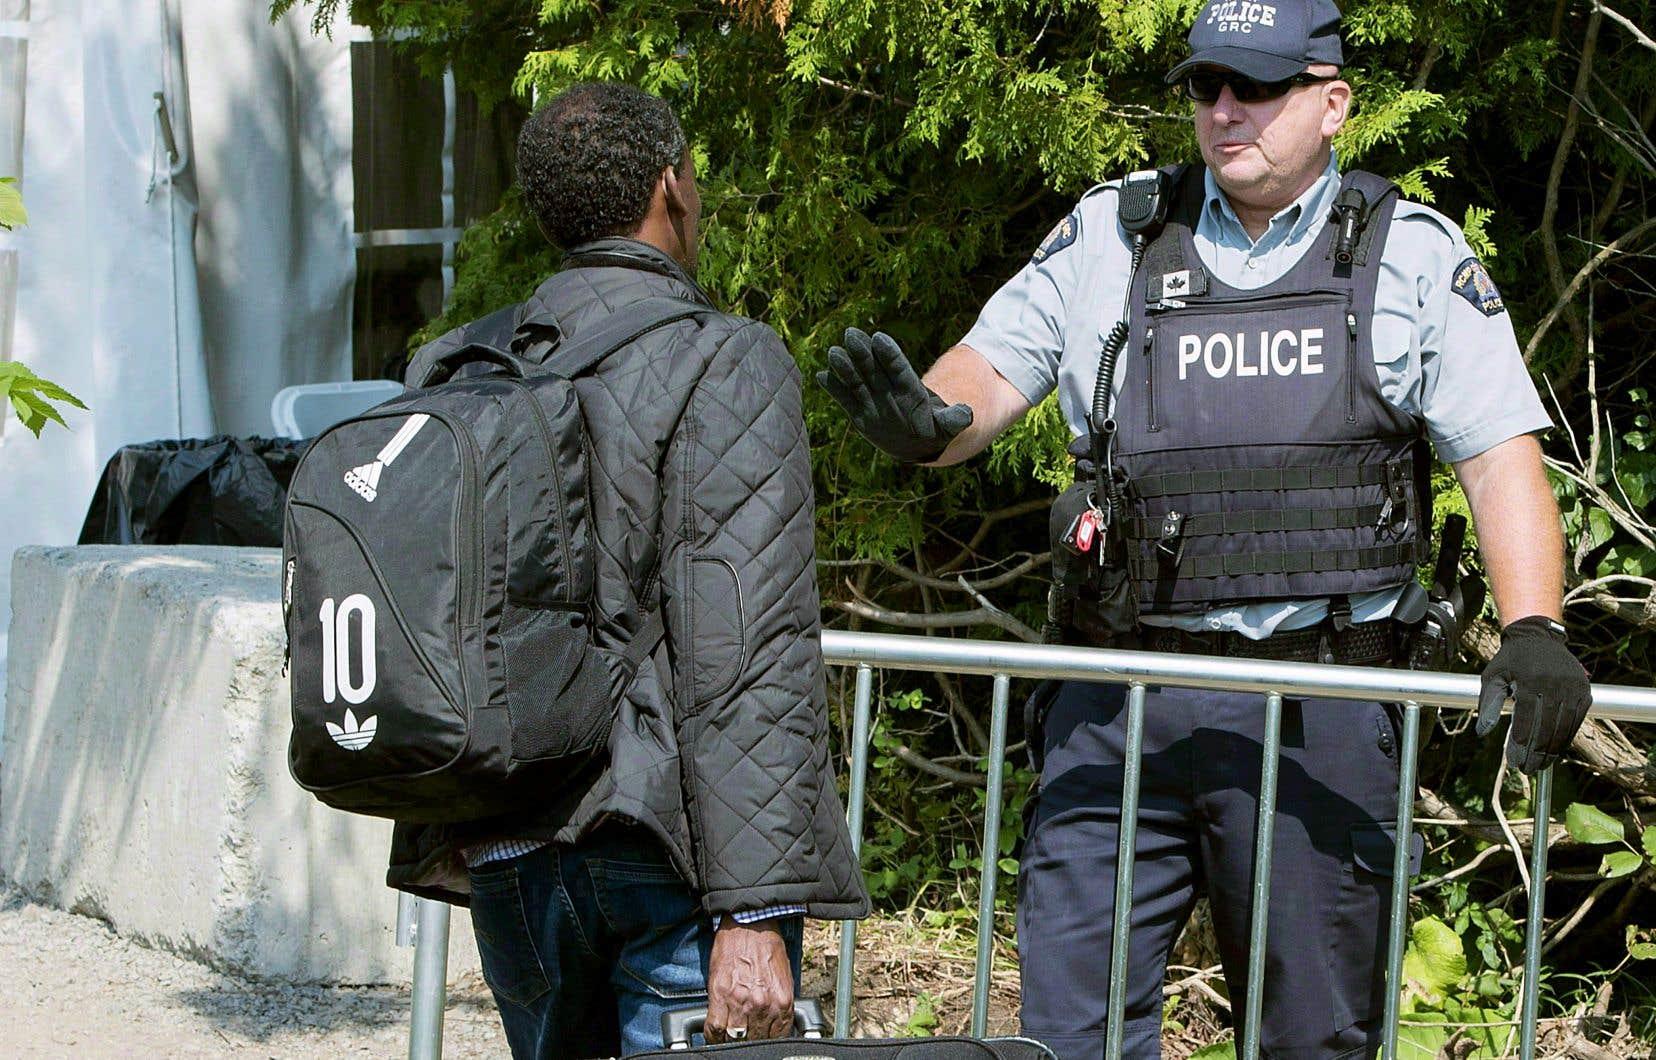 Depuis 2017, près de 57 000 demandeurs d'asile ont franchi la frontière canadienne ailleurs qu'à un poste frontalier officiel.